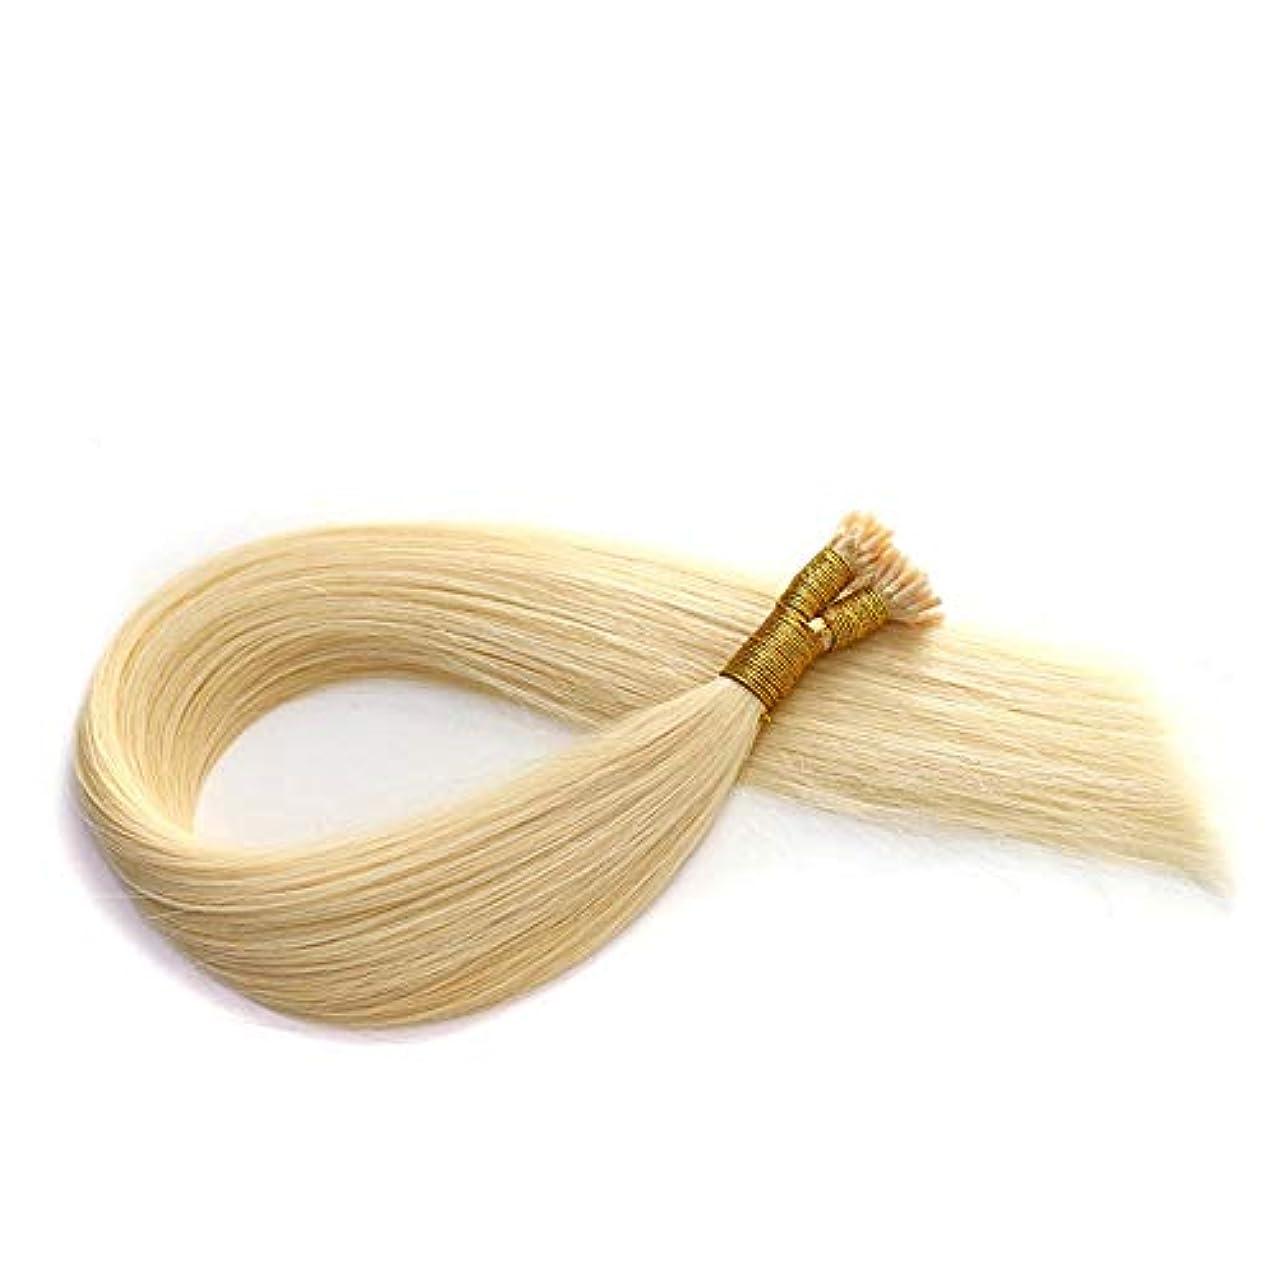 抜け目のない中止しますファッションWASAIO ヘアエクステンションクリップのシームレスな髪型ブロンドナノリングリテラル太い人間レミーすべての長さの光 (色 : Blonde, サイズ : 22 inch)